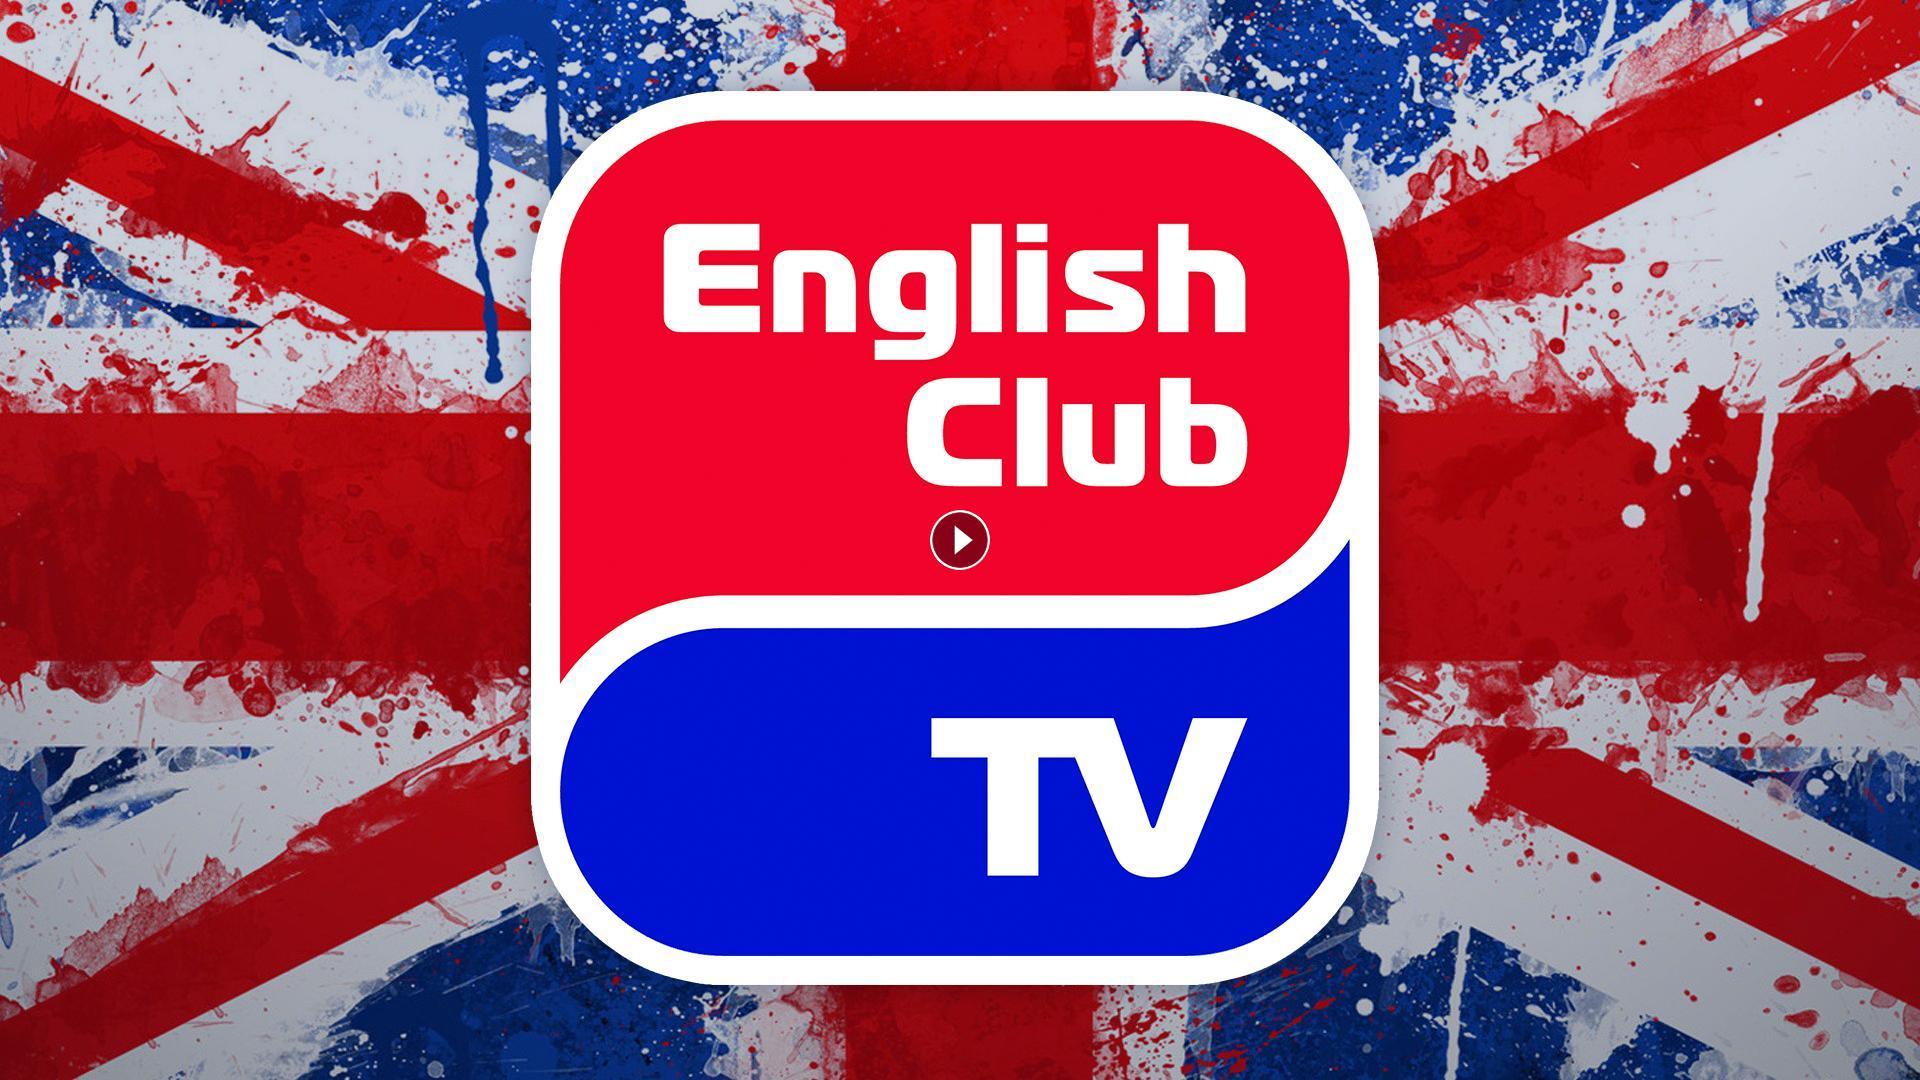 ENGLISH-CLUB-TV